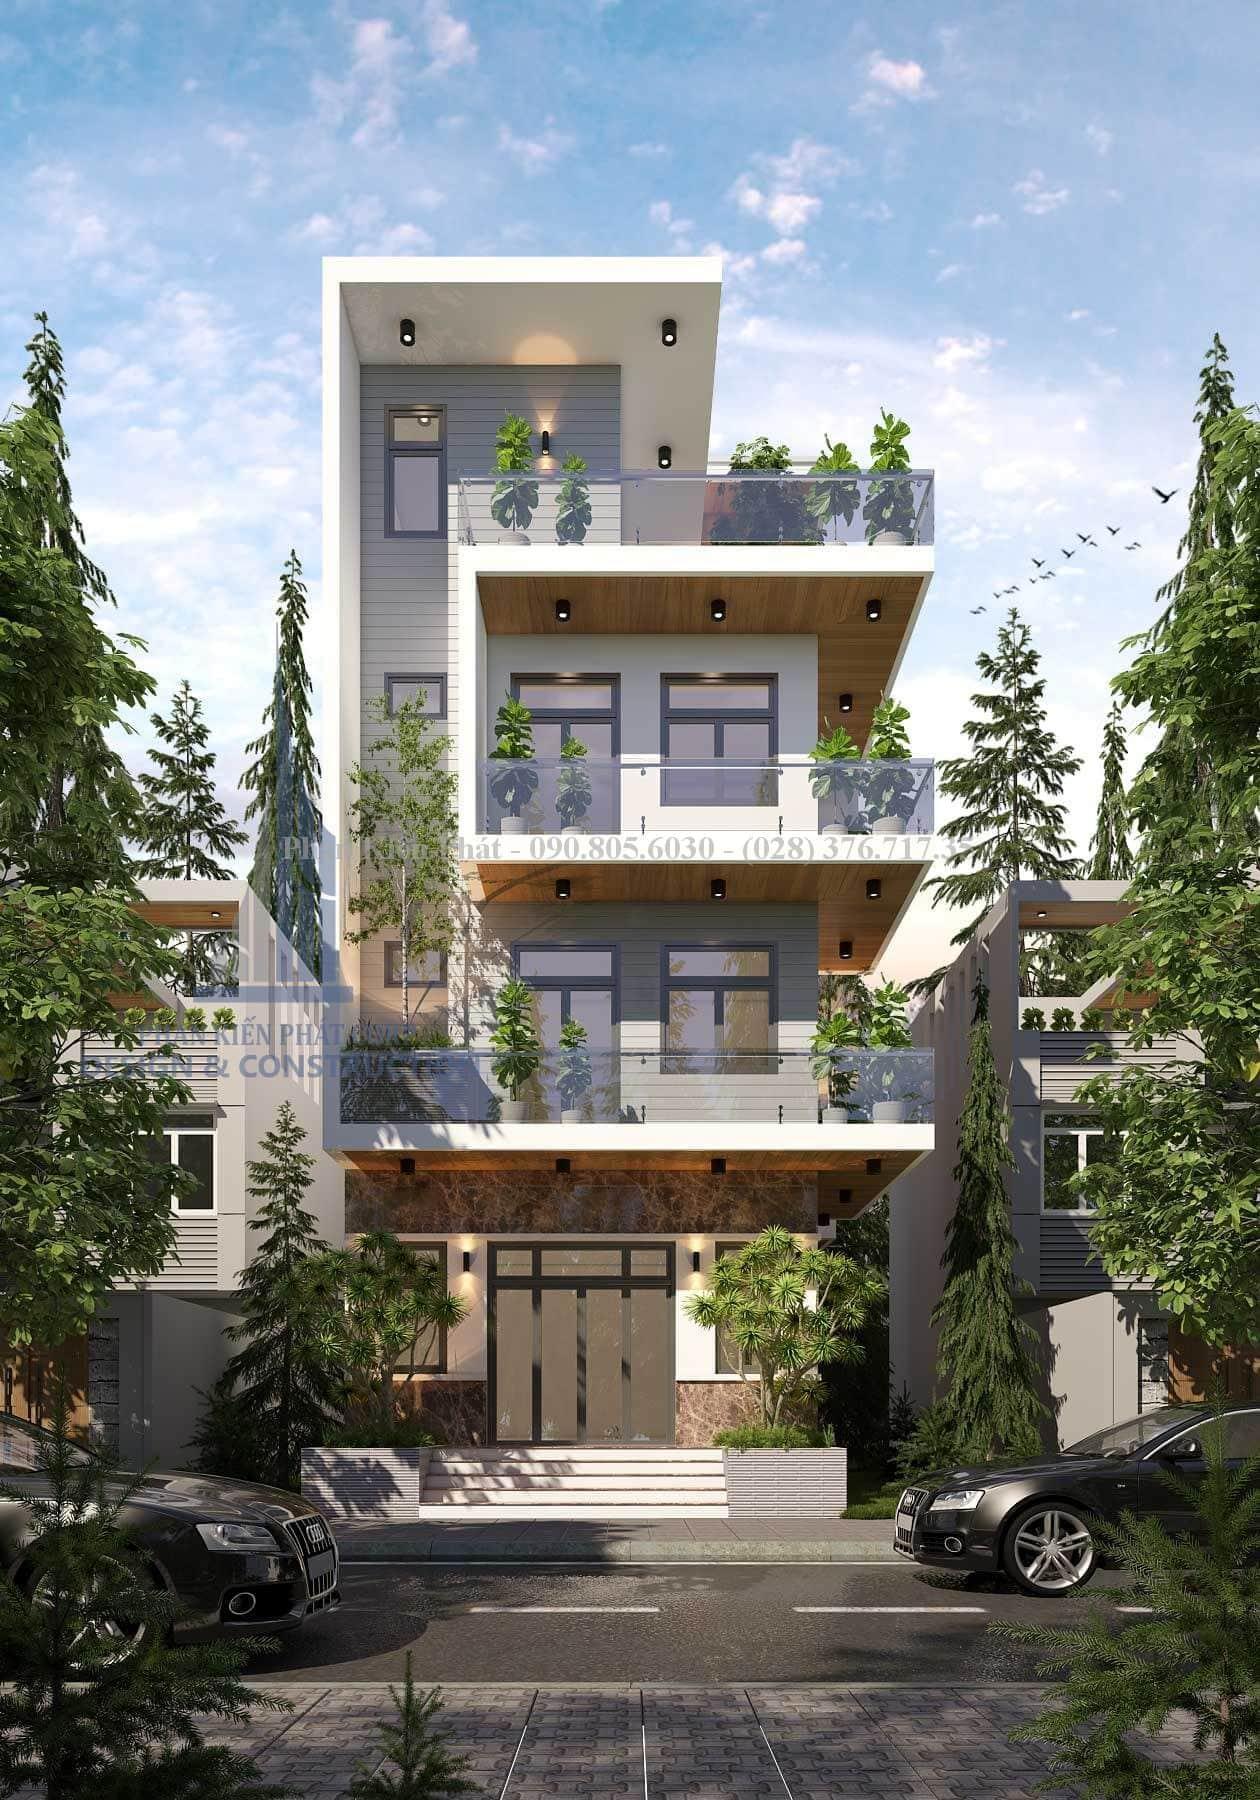 Mẫu thiết kế biệt thự 4 tầng hiện đại